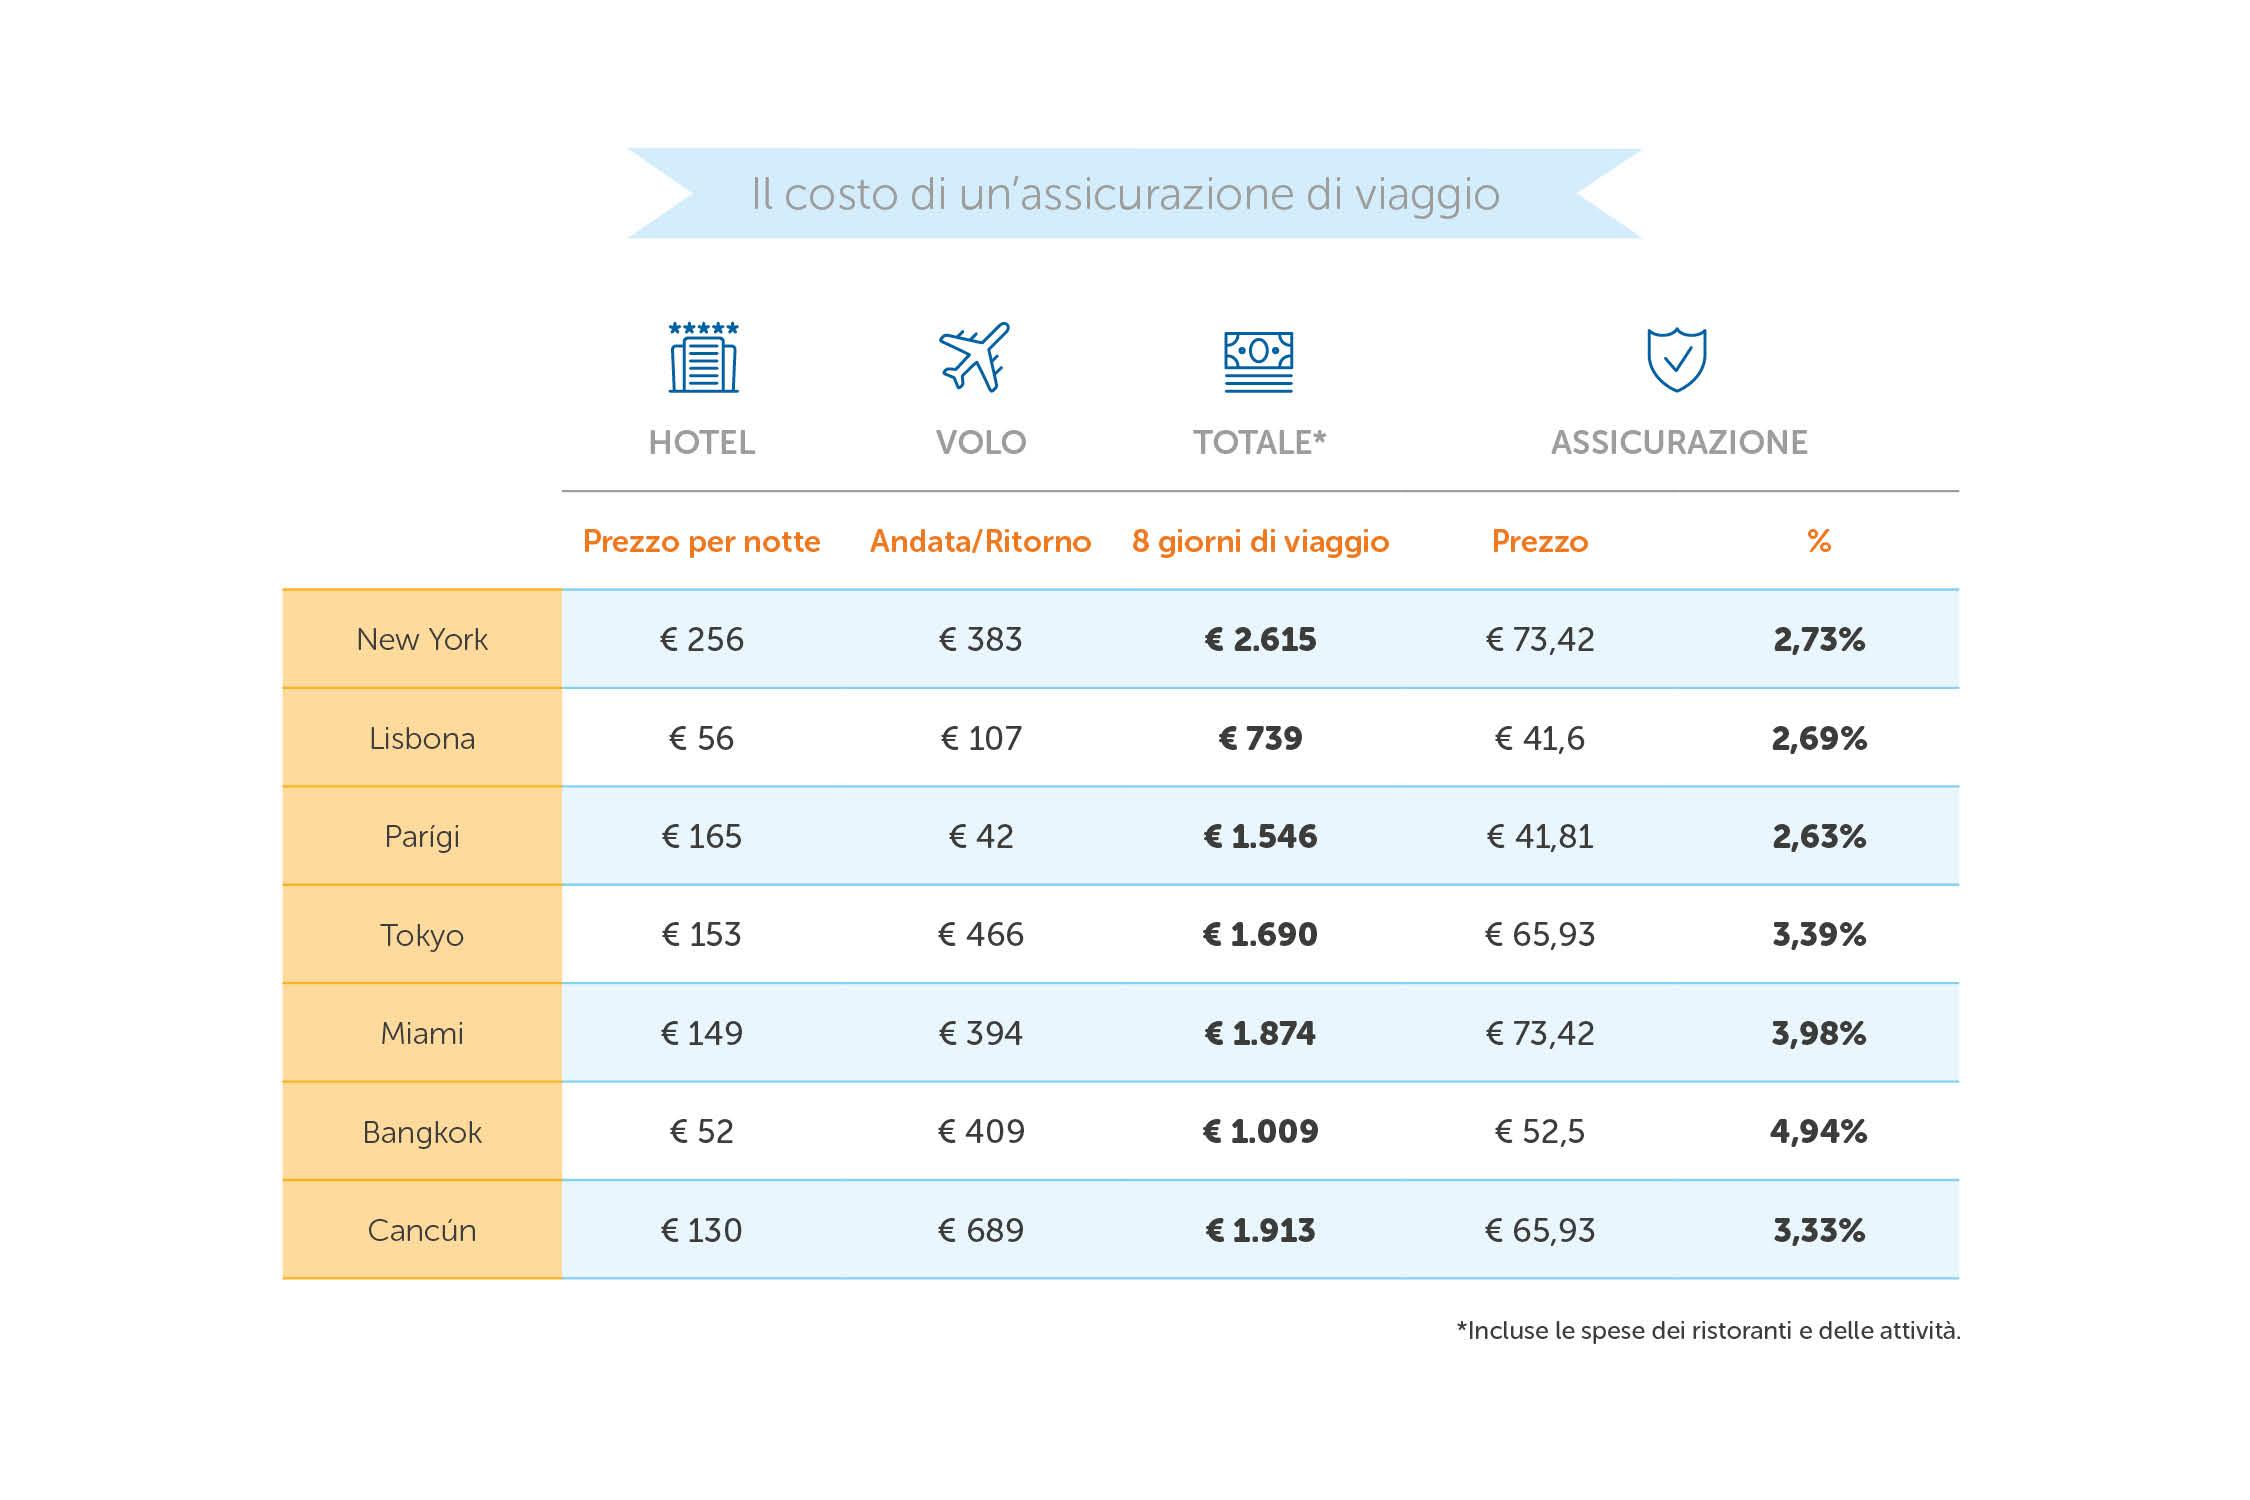 costo assicurazione di viaggio